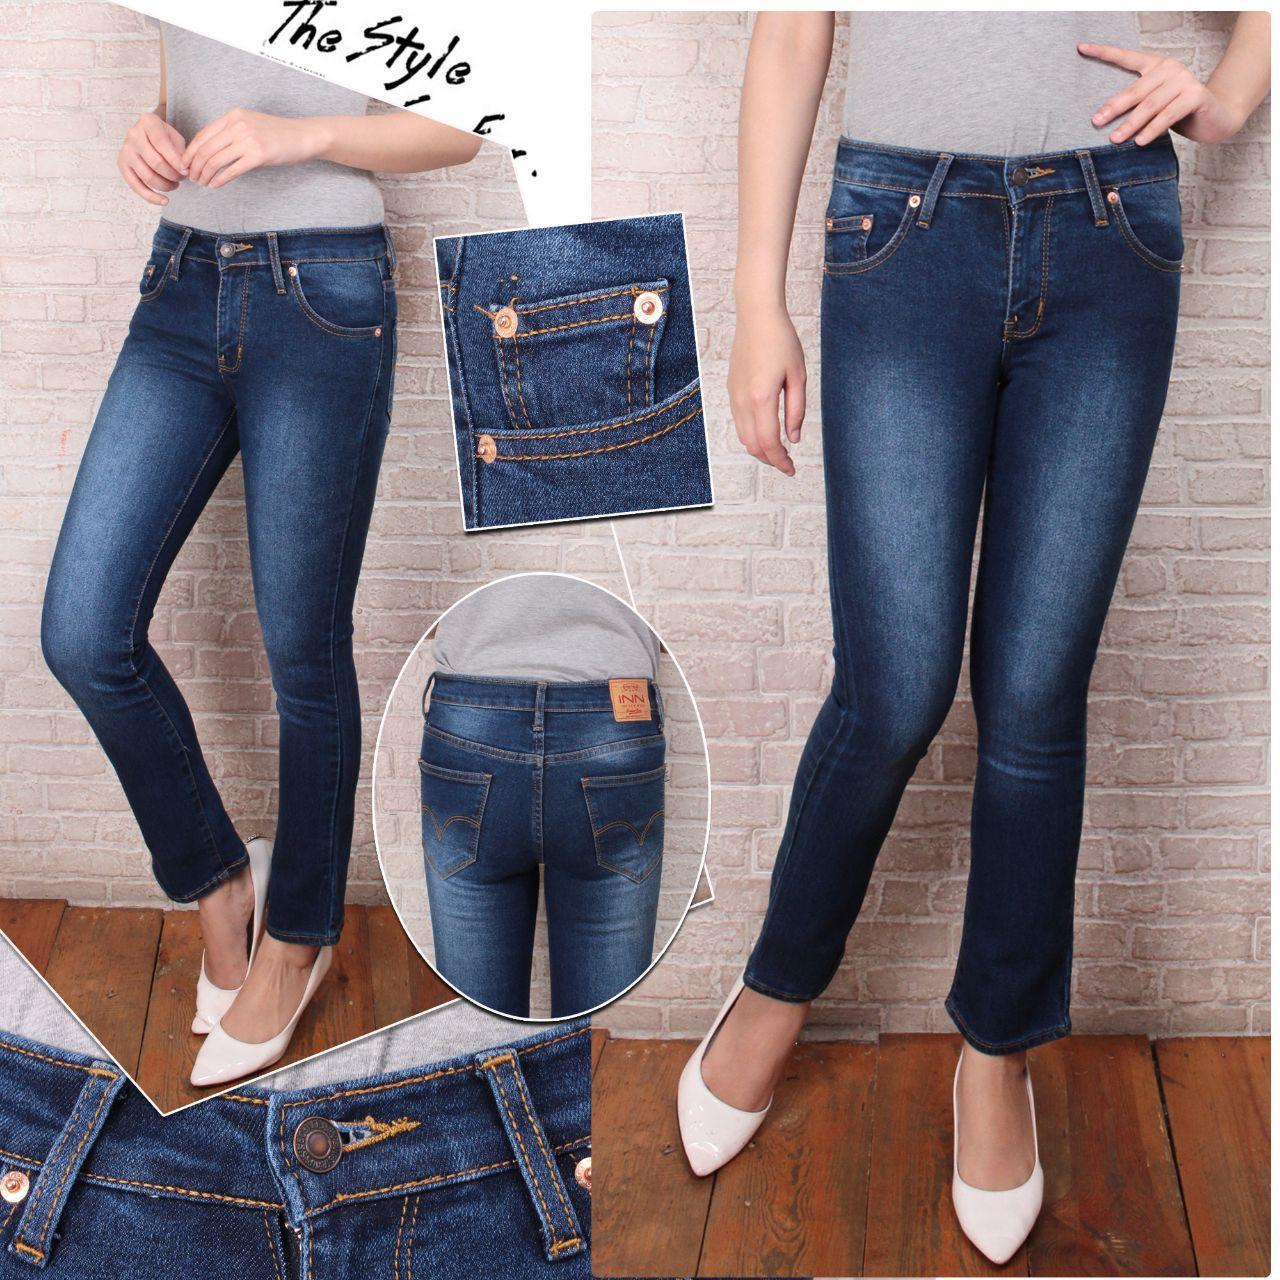 celana jeans wanita standar/reguler murah celana jeans wanita standar/reguler murah. Nusantara Jeans - Celana Jeans Wanita Skinny Ripped Ristleting Erigo ...